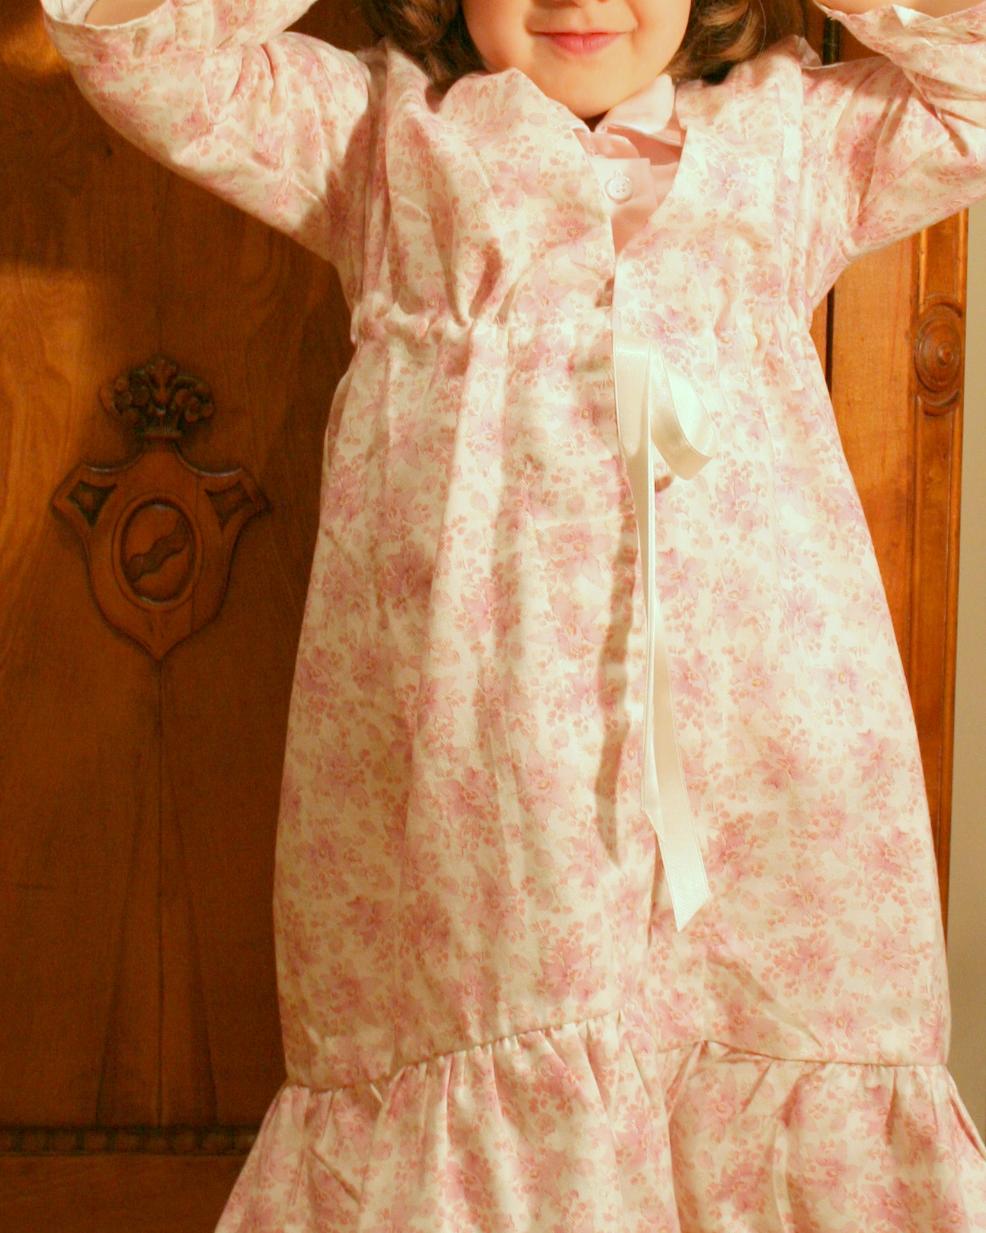 Boutique en ligne comprar popular materiales de alta calidad Batas, Camisones y Pijamas de invierno para niños- LAS ...